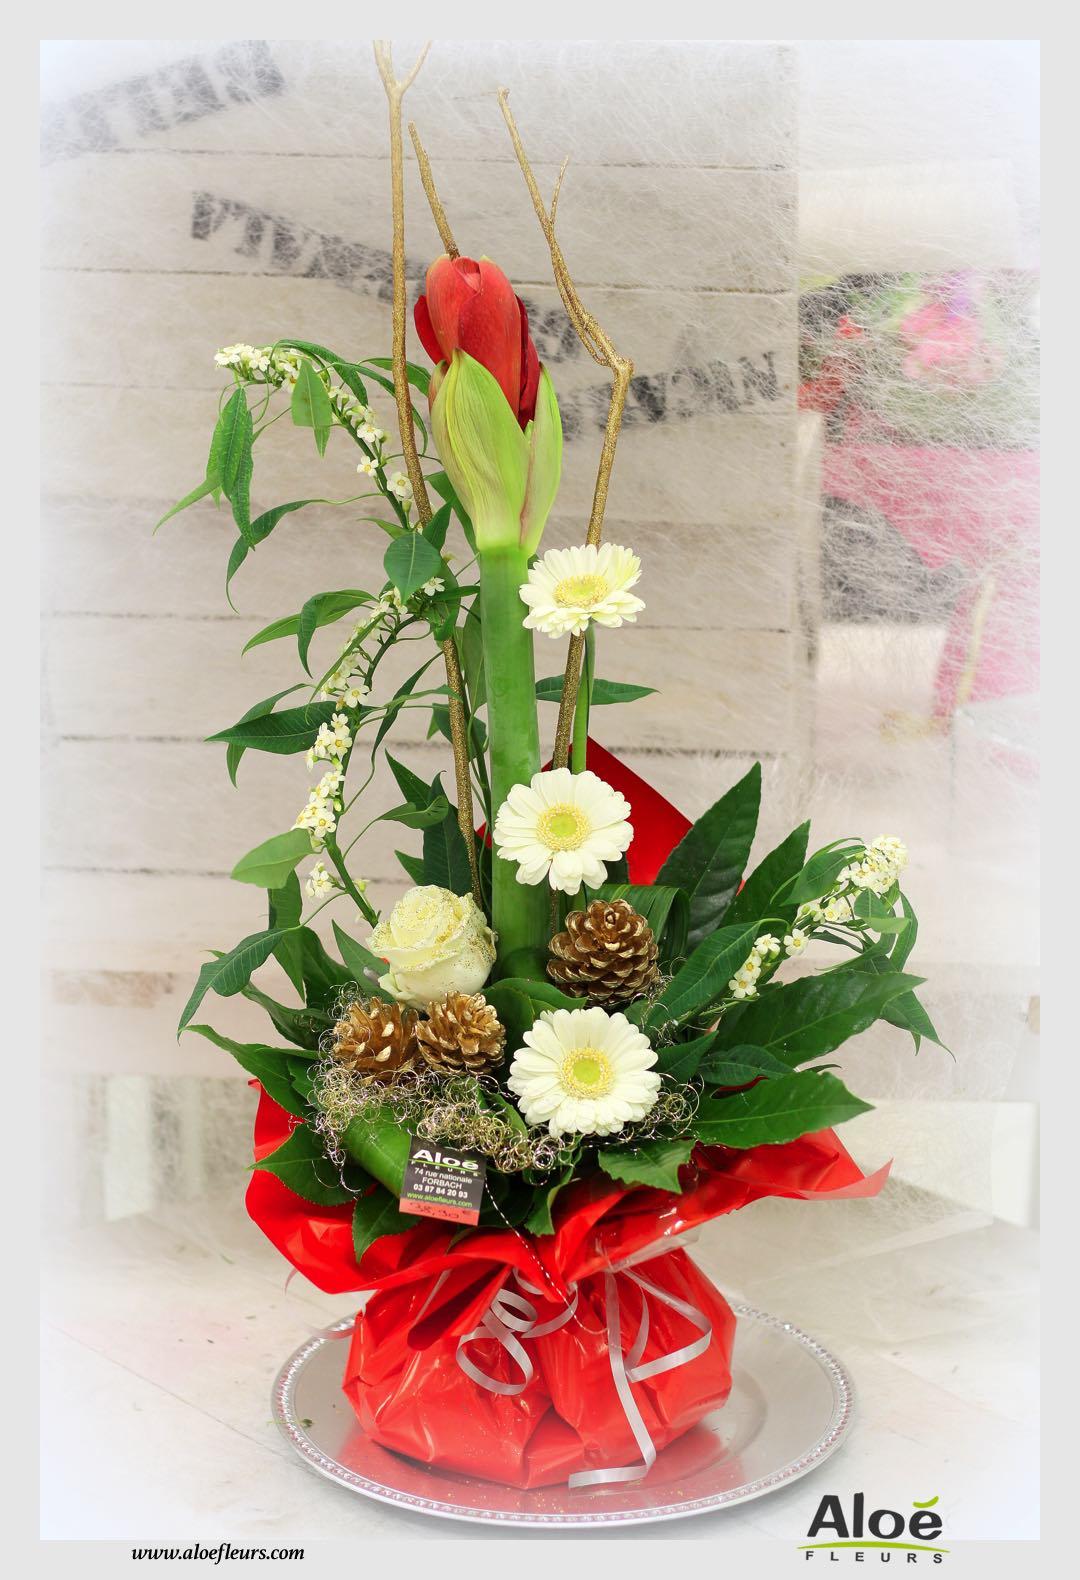 bouquet bulle d 39 eau d coration florale de noel alo fleurs10 aloe fleurs. Black Bedroom Furniture Sets. Home Design Ideas